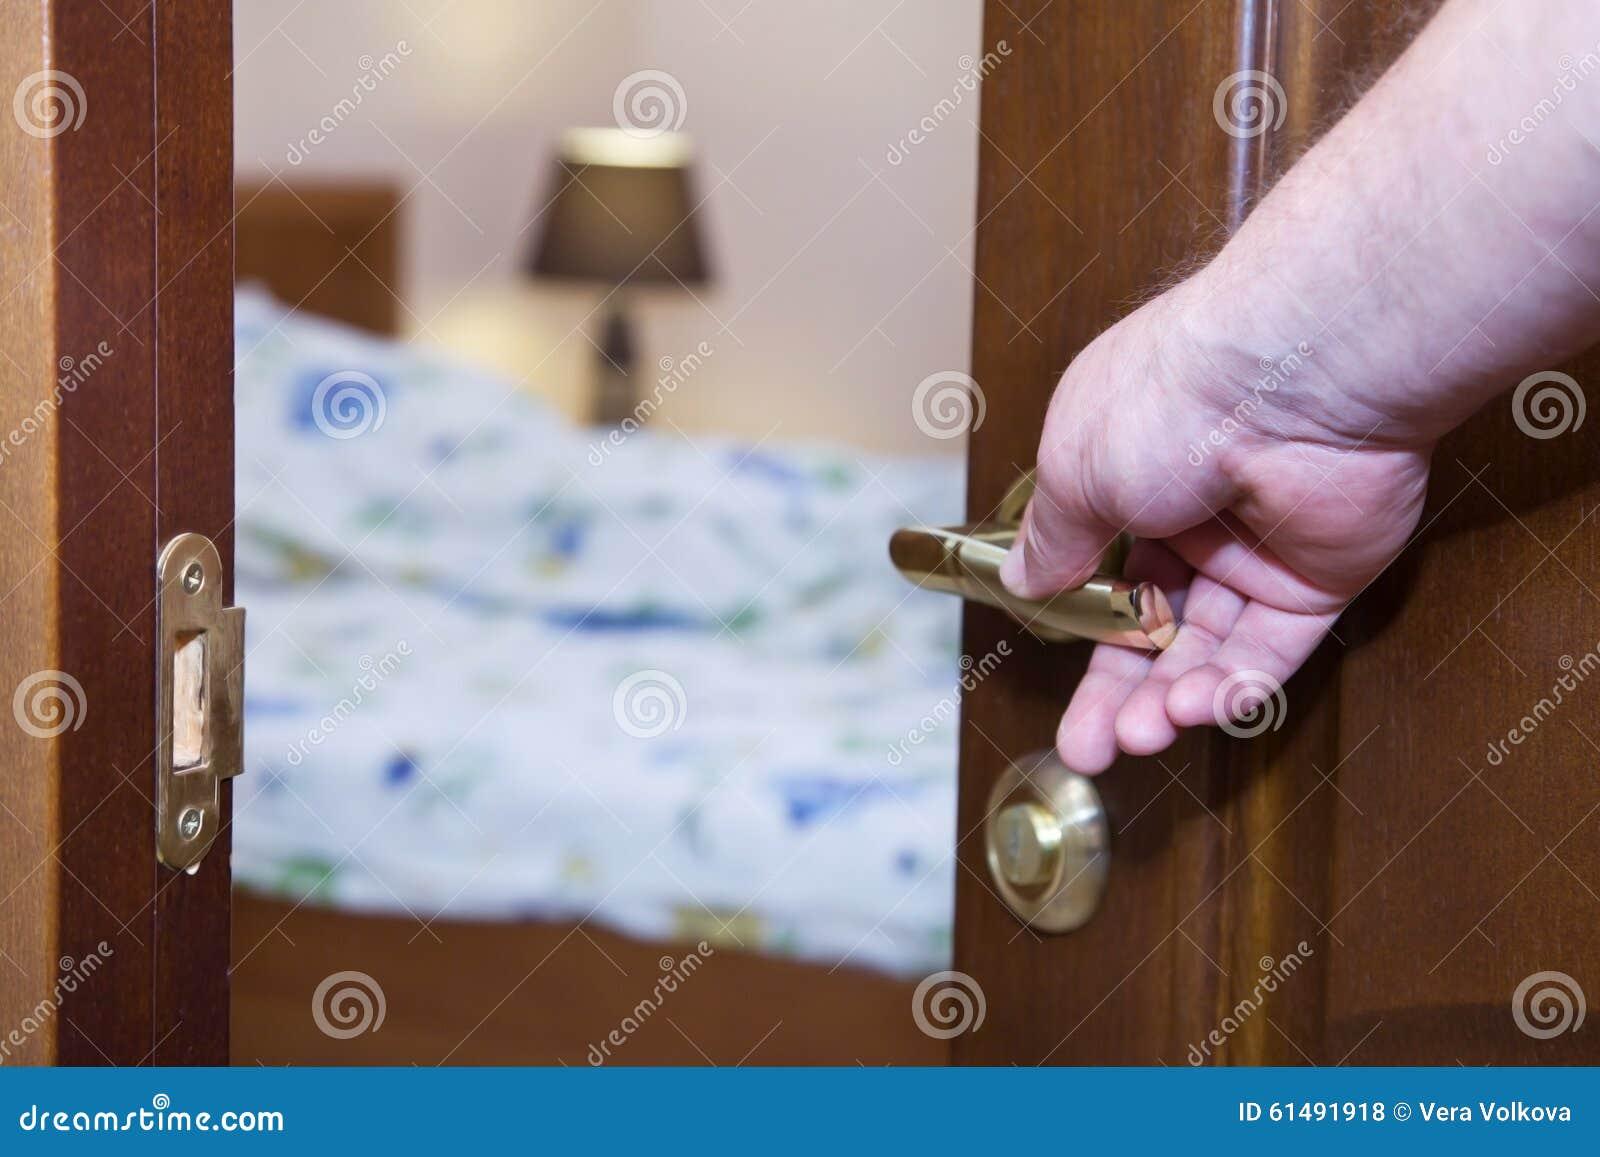 Półotwarty drzwi z ręką